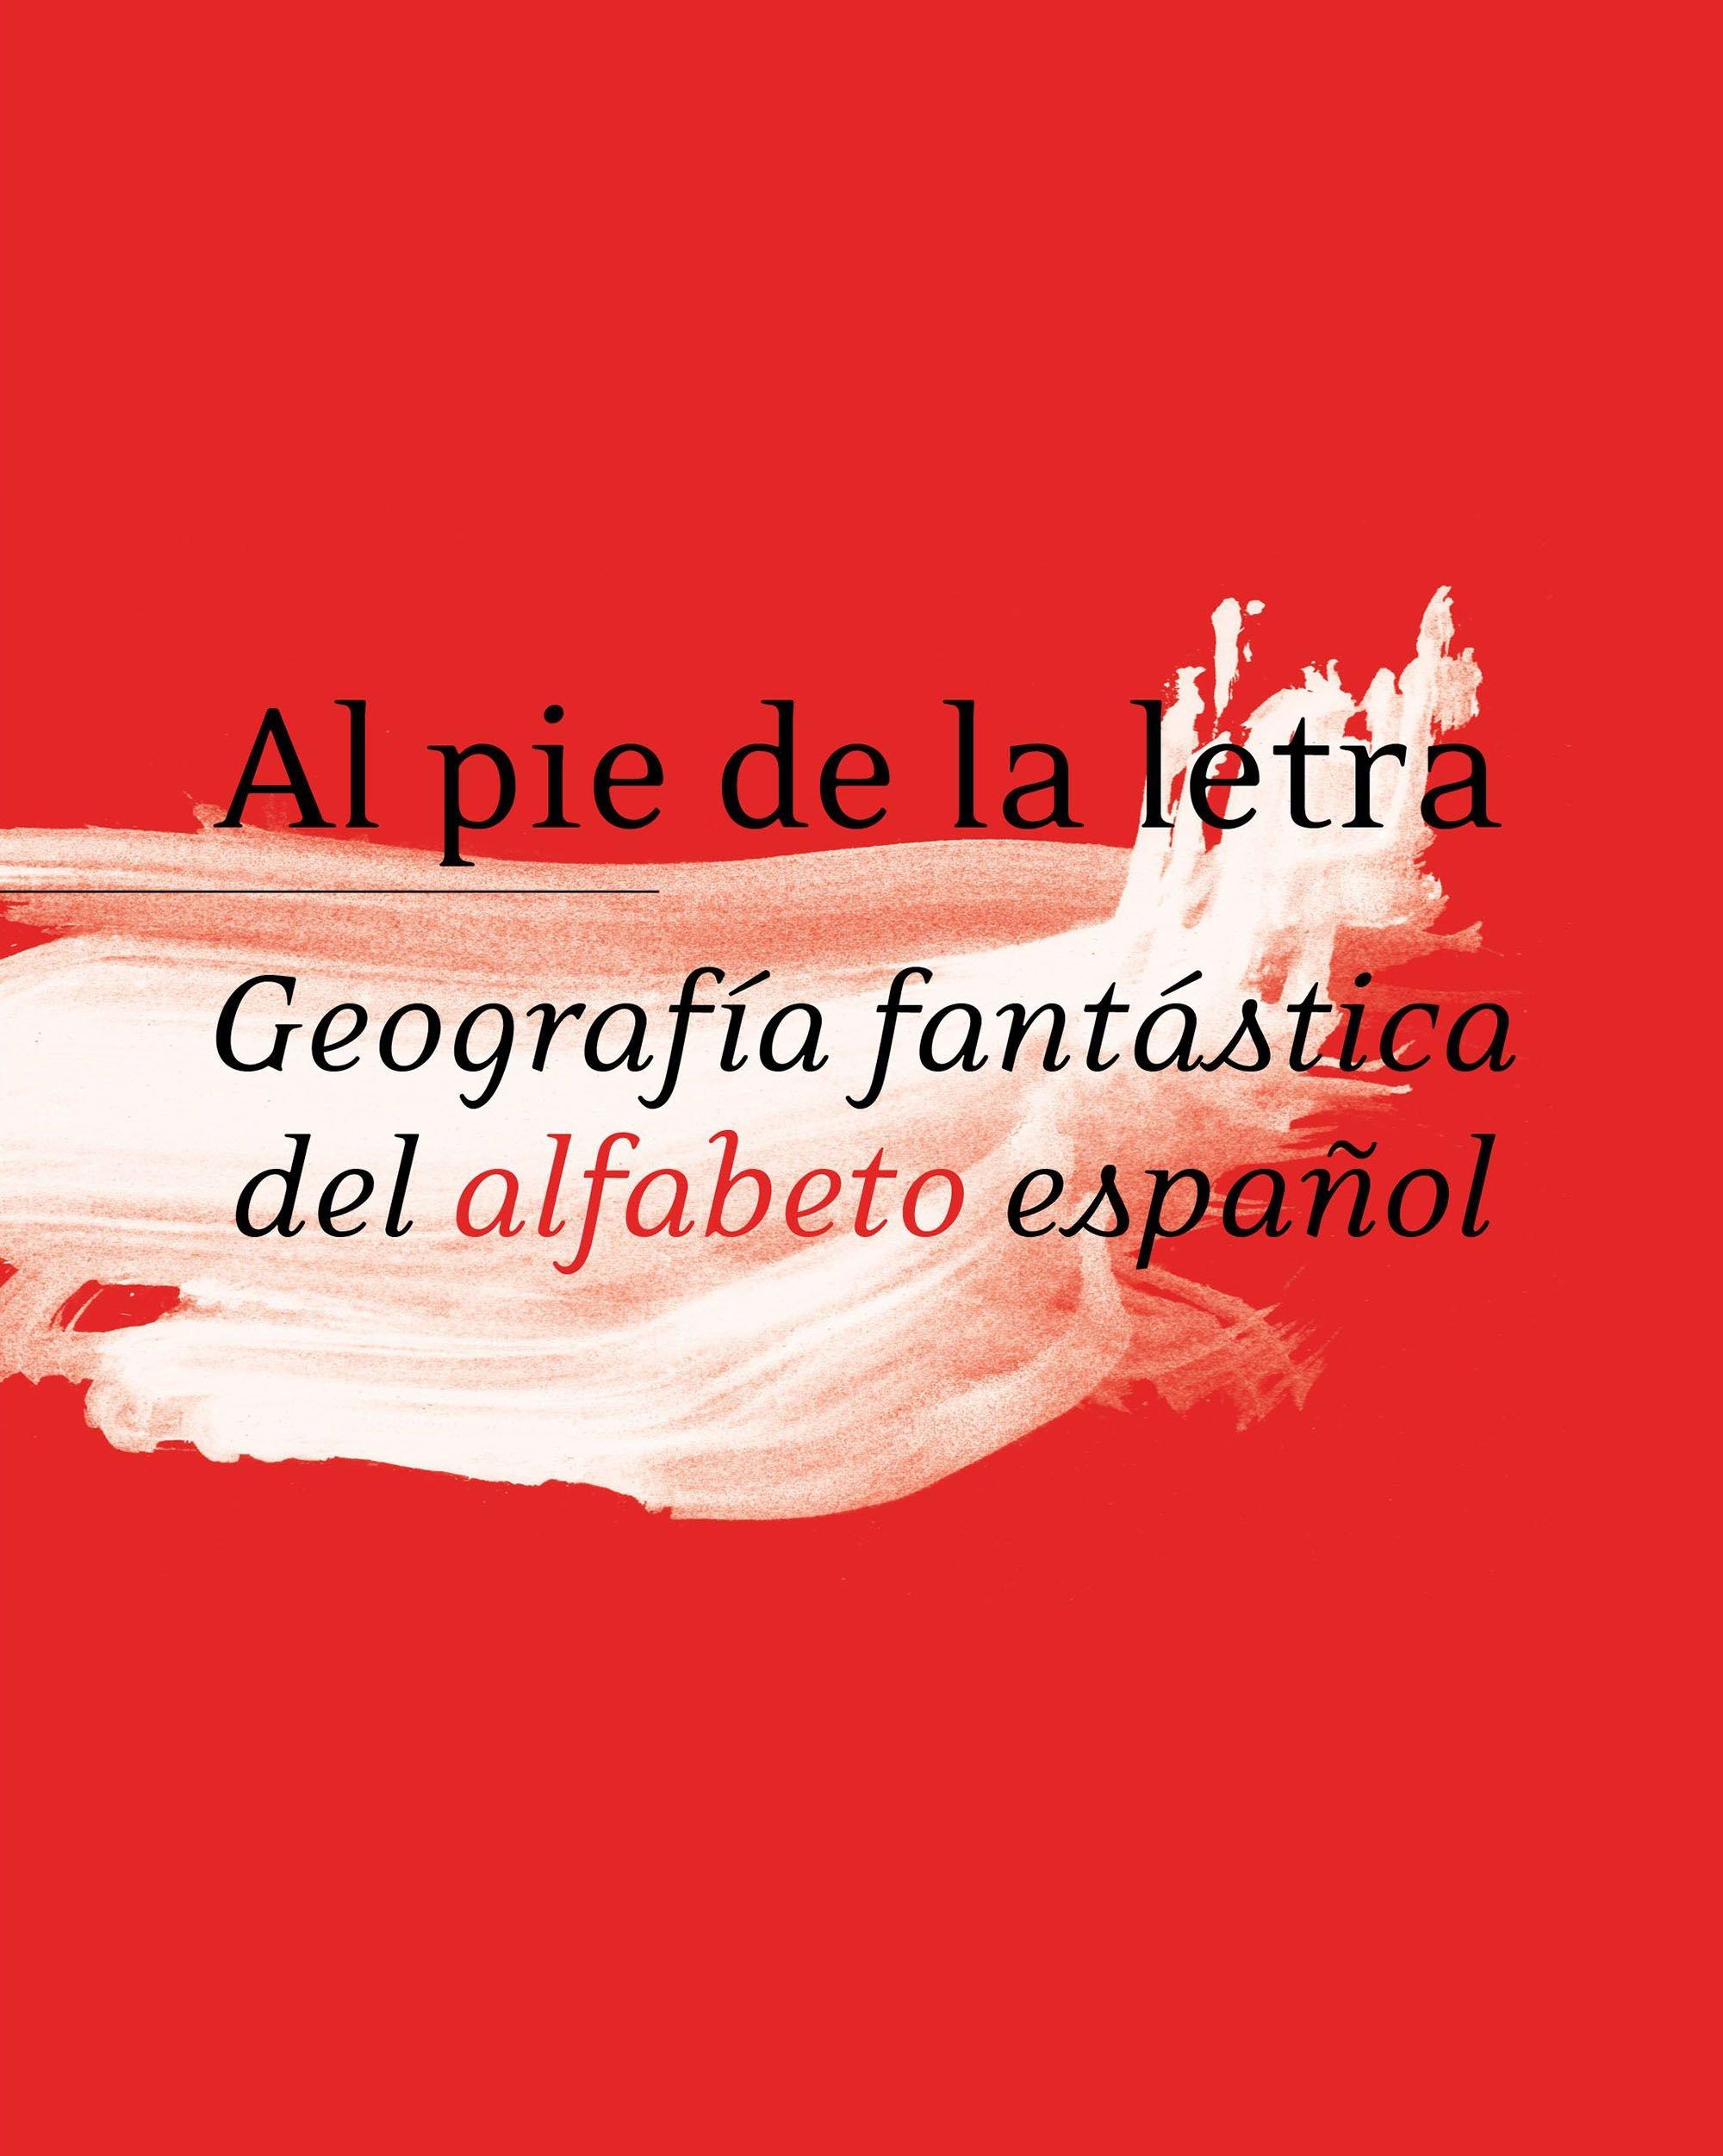 Al pie de la letra. Geografía fantástica del alfabeto español. RAE ...